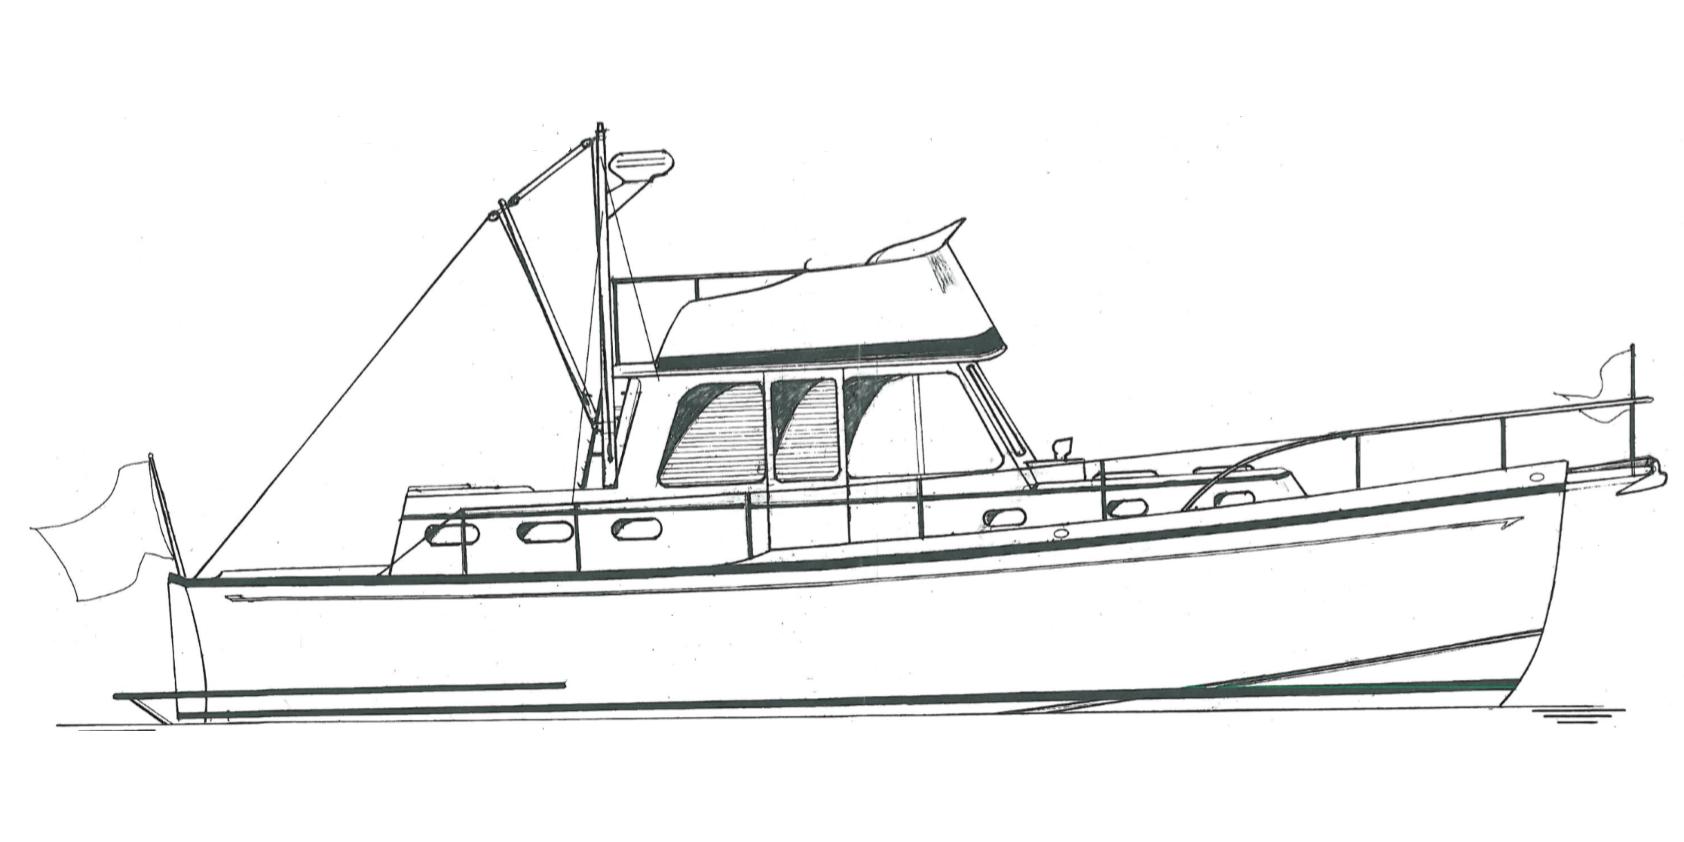 32 Trawler